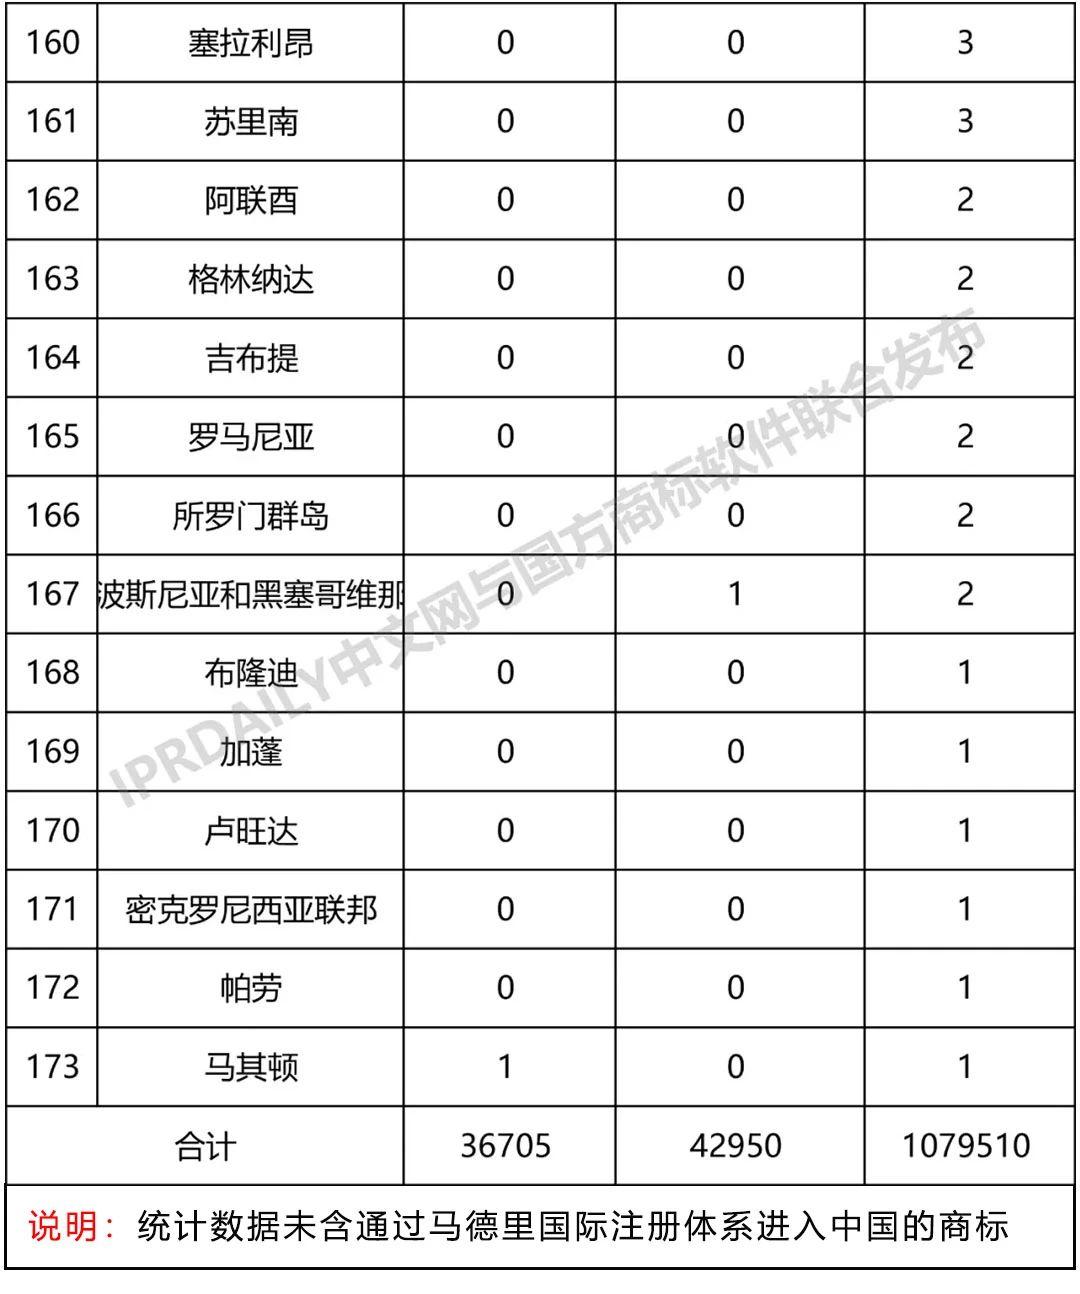 2019年第1季度世界各国在中国商标申请与注册统计表